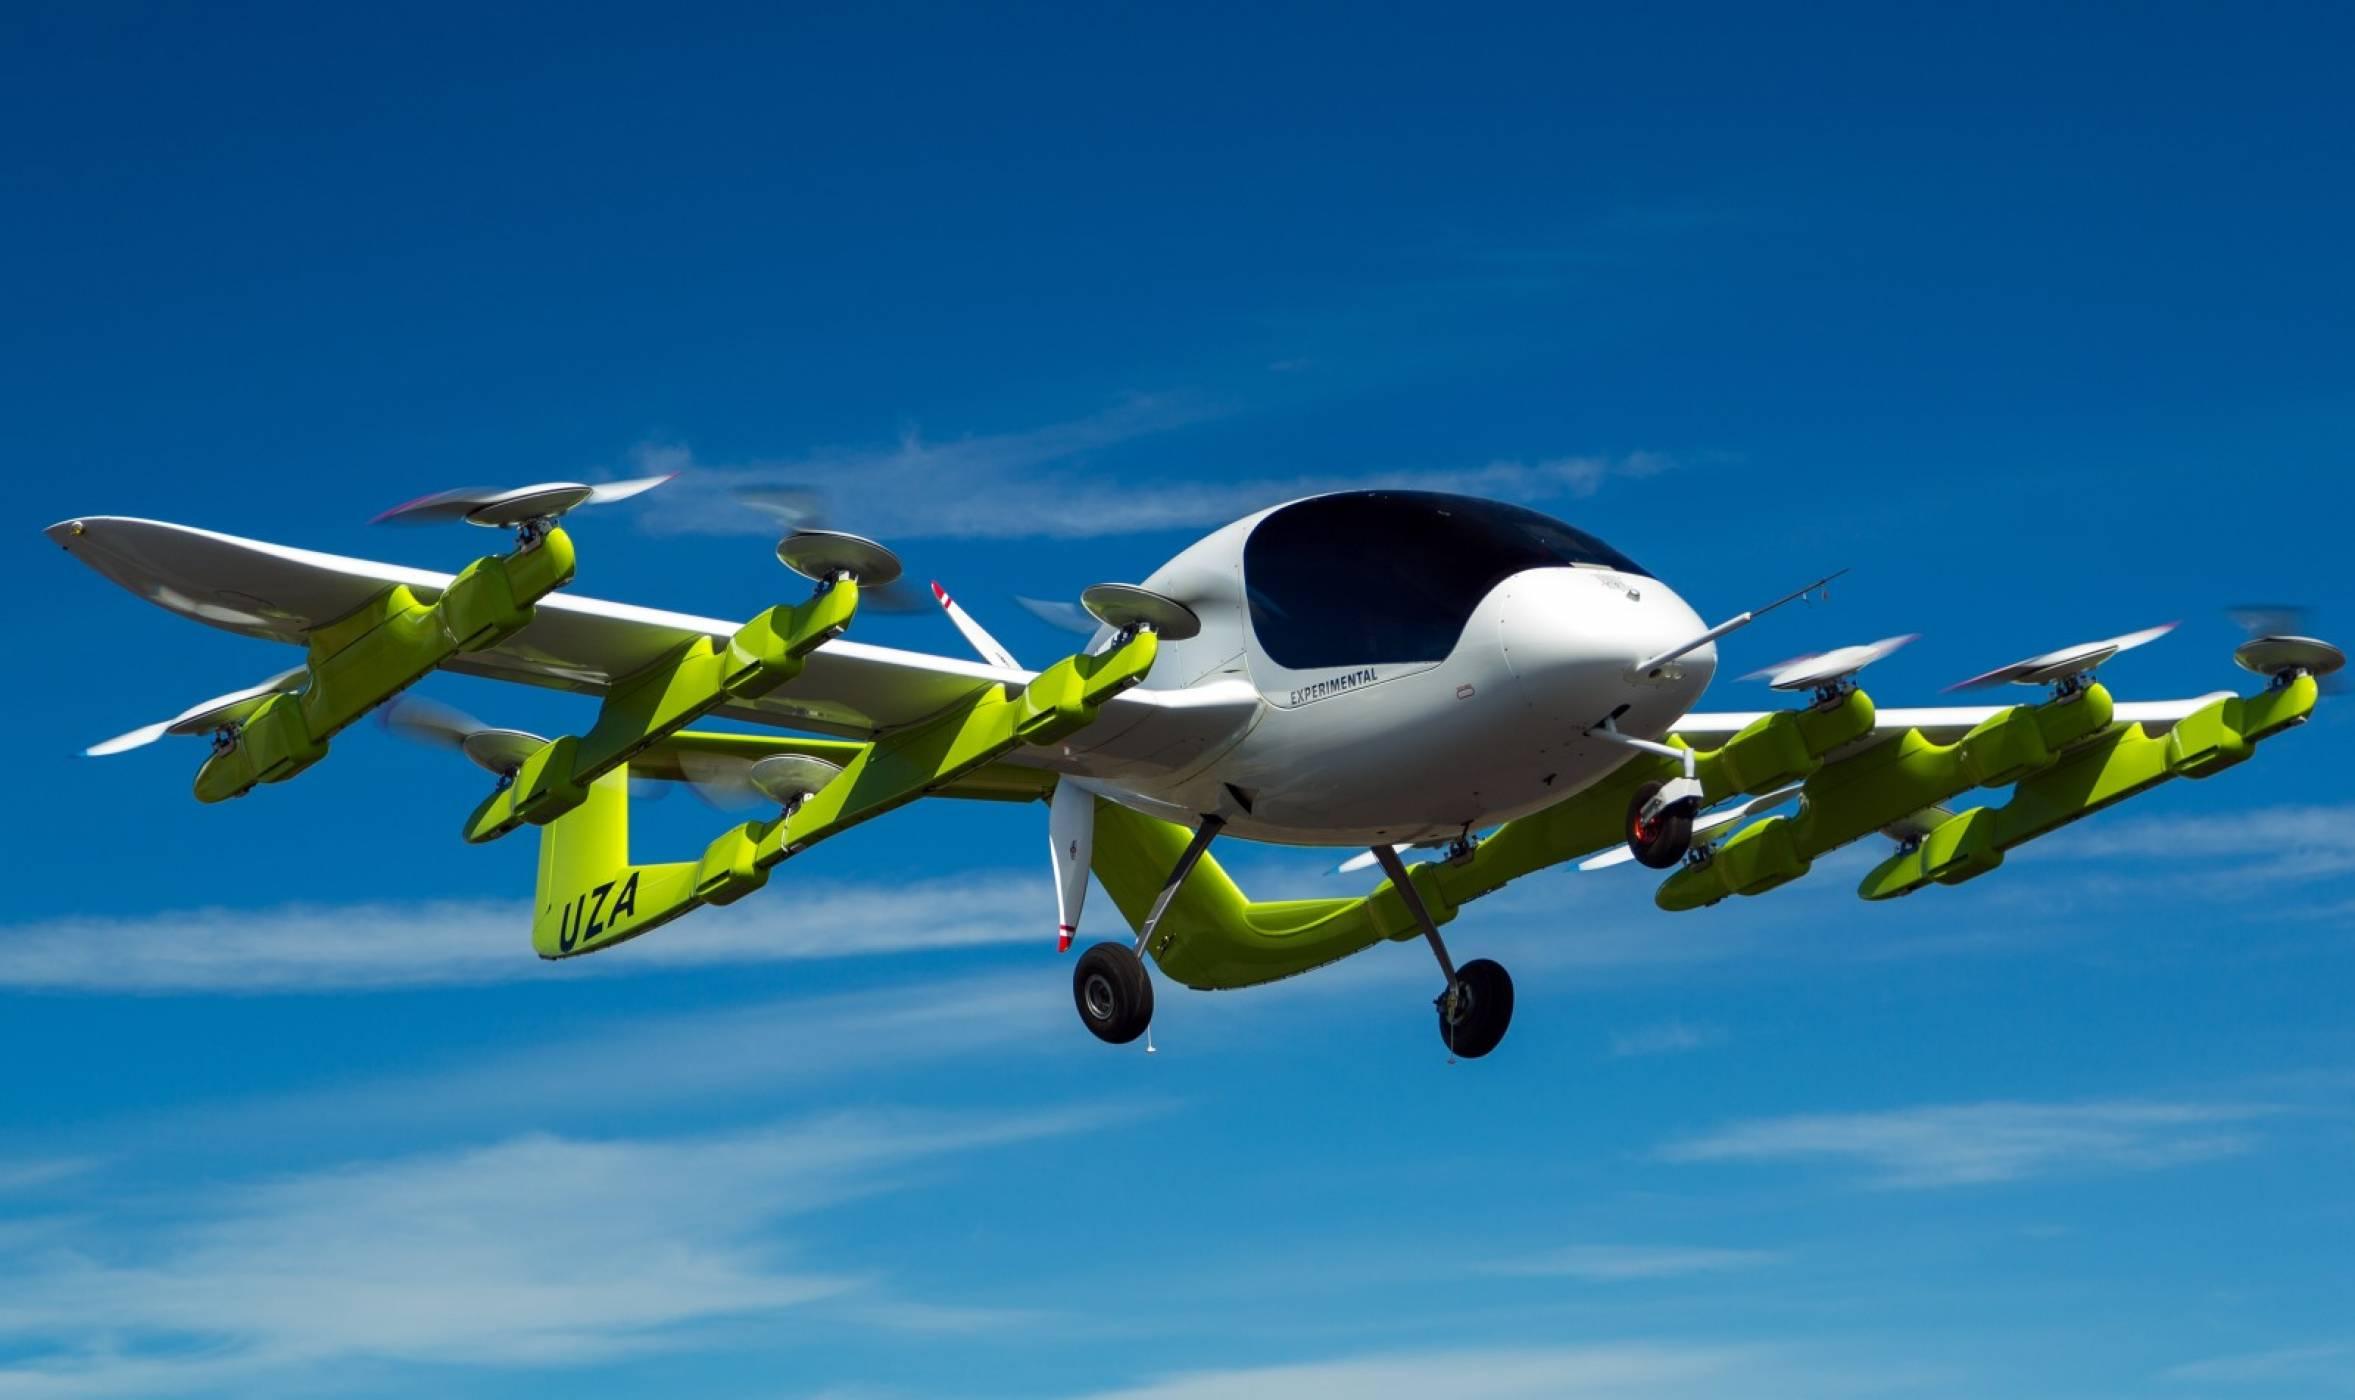 Автономното такси Cora скоро ще лети в Нова Зеландия